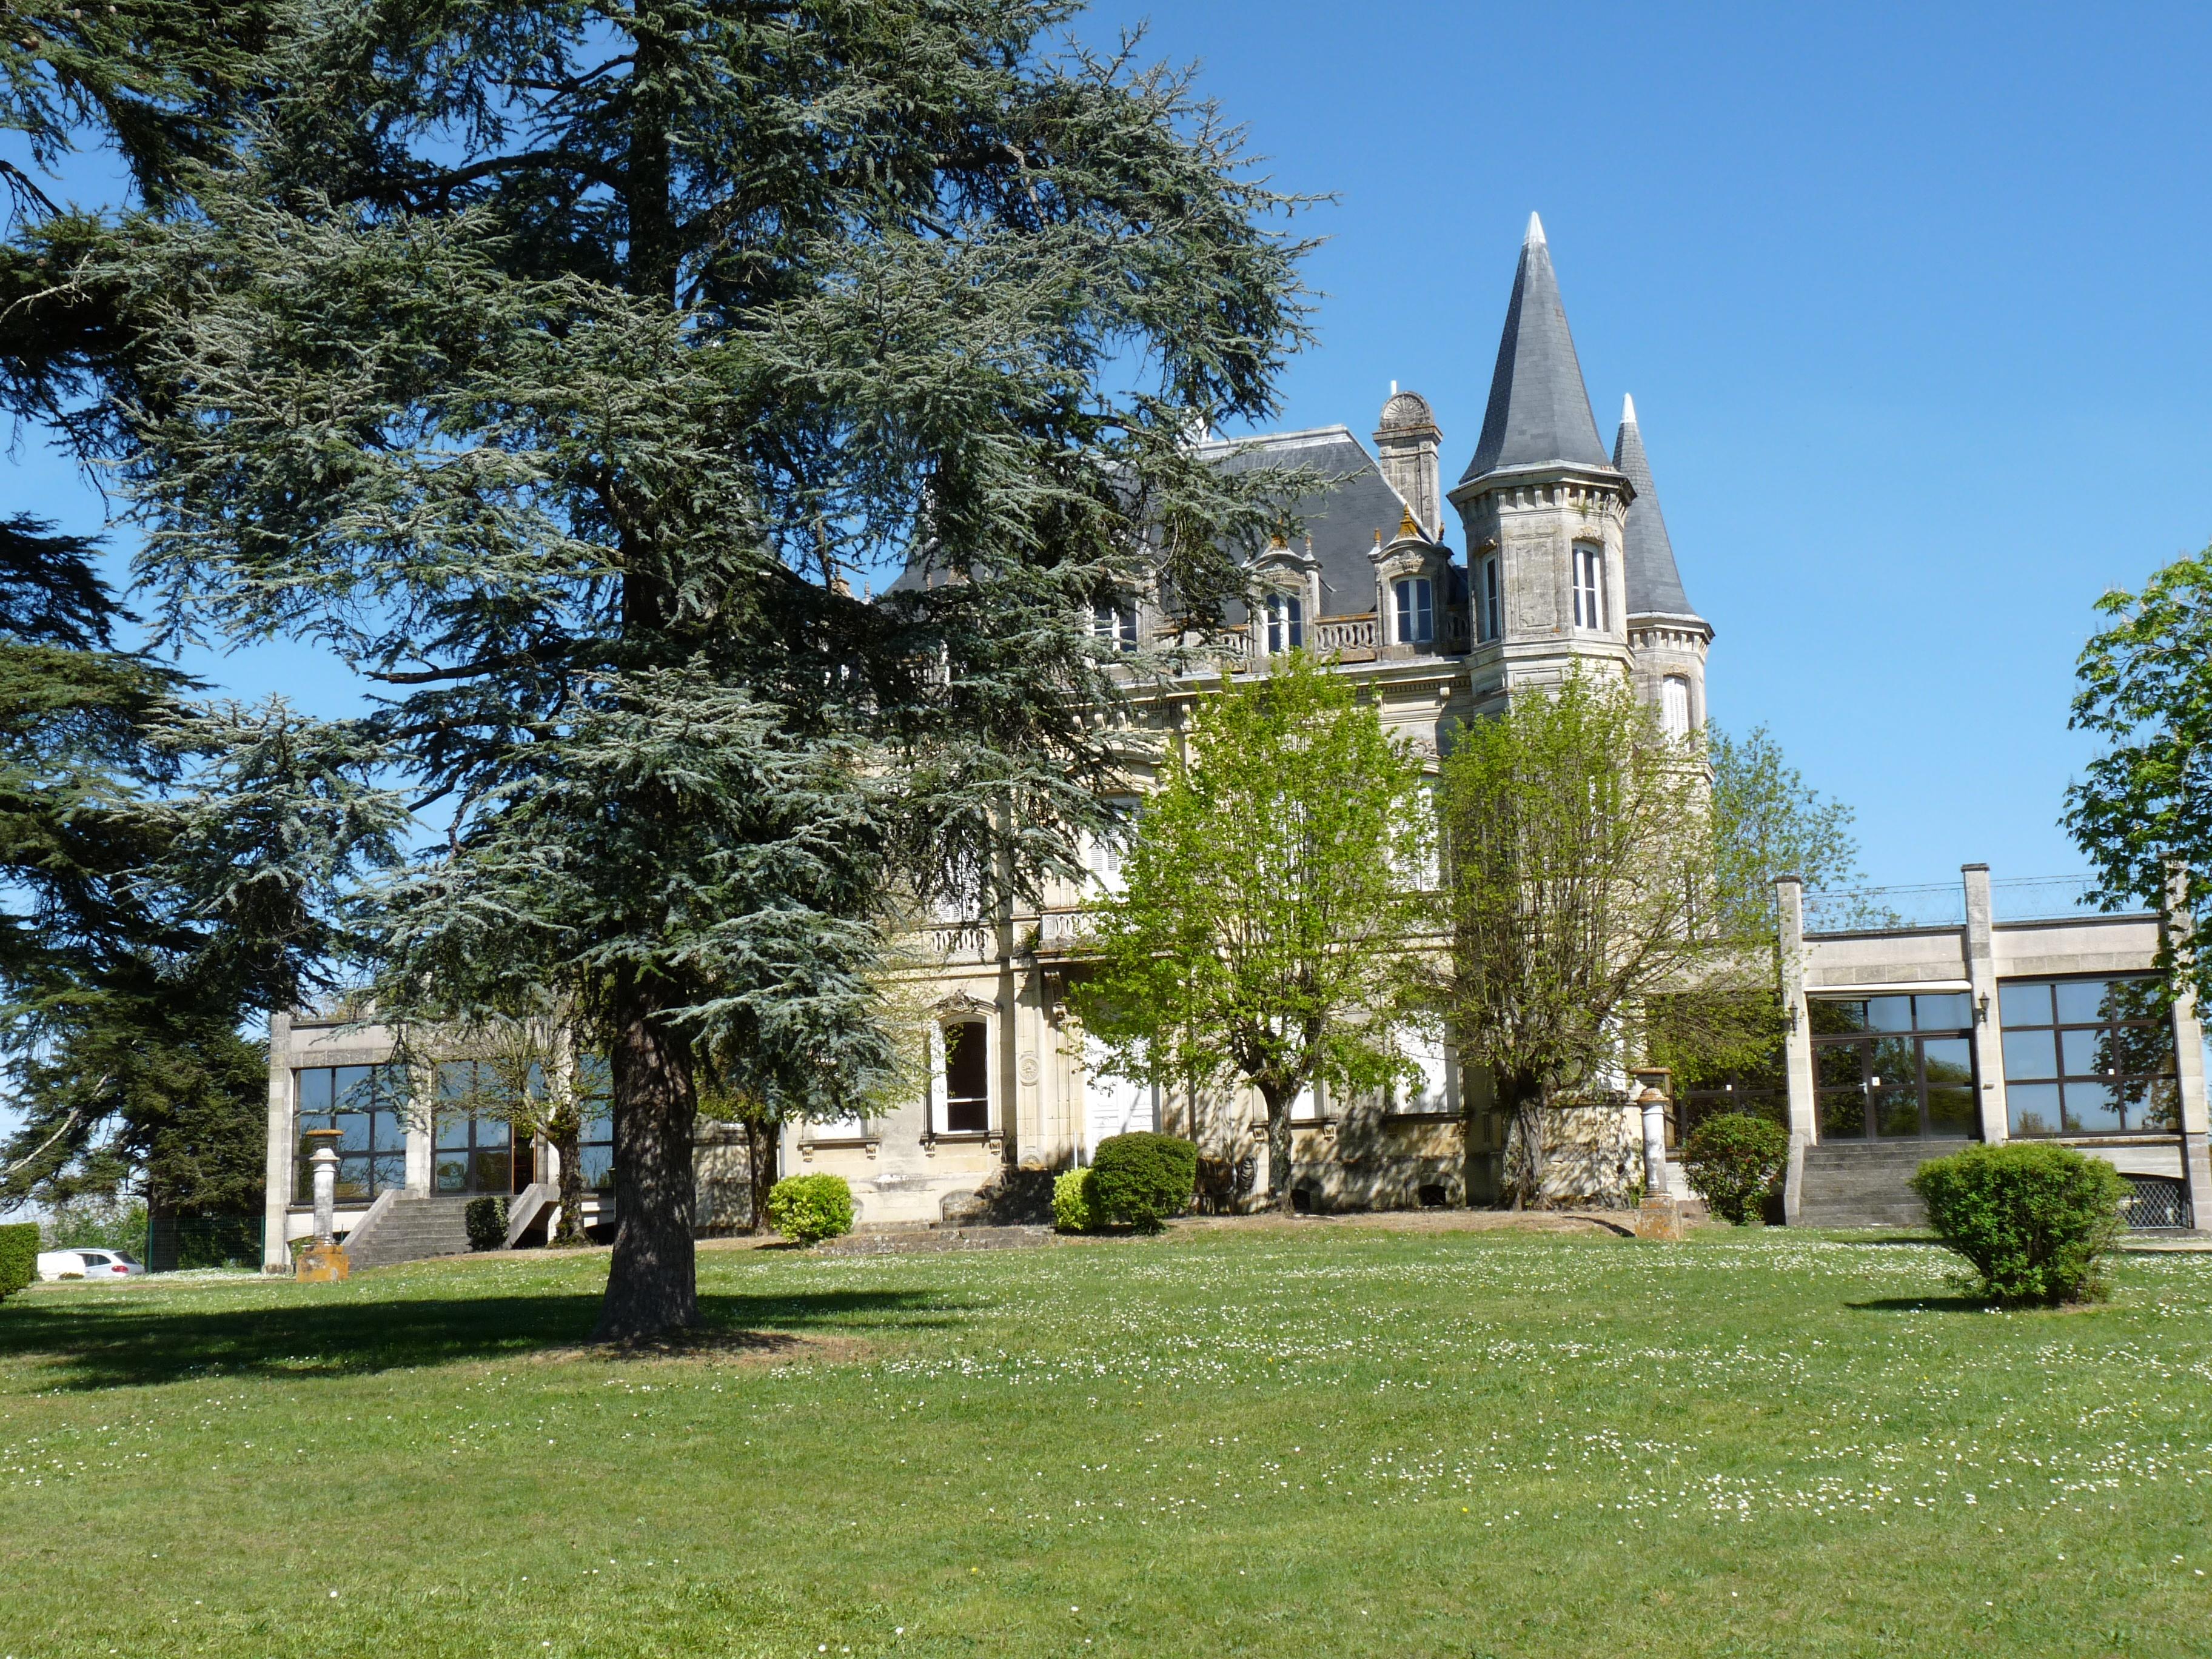 La fête des associations de la commune de Tresses en Gironde aura lieu le samedi 8 septembre au château de La Séguinie de 10 heures à 18 heures.